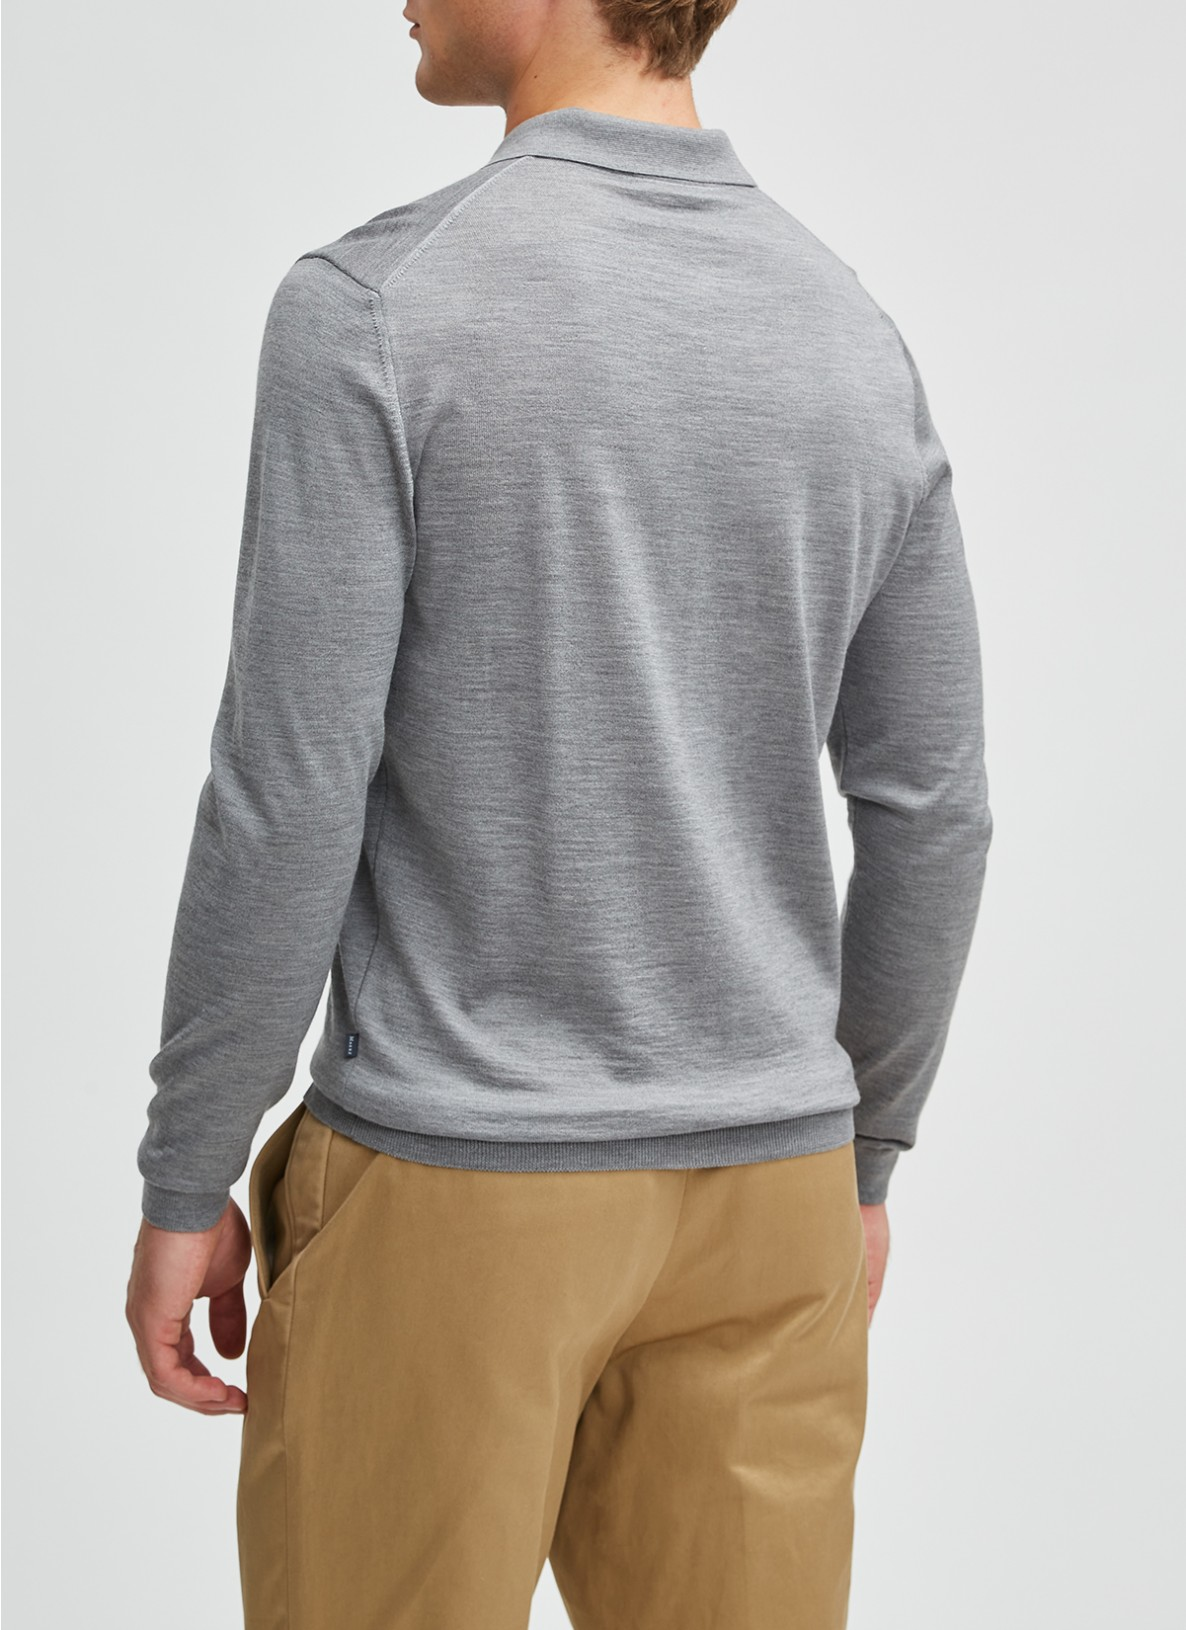 Pullover Polokragen, Knopf 1/1 Arm, Mercury GreyRückansicht